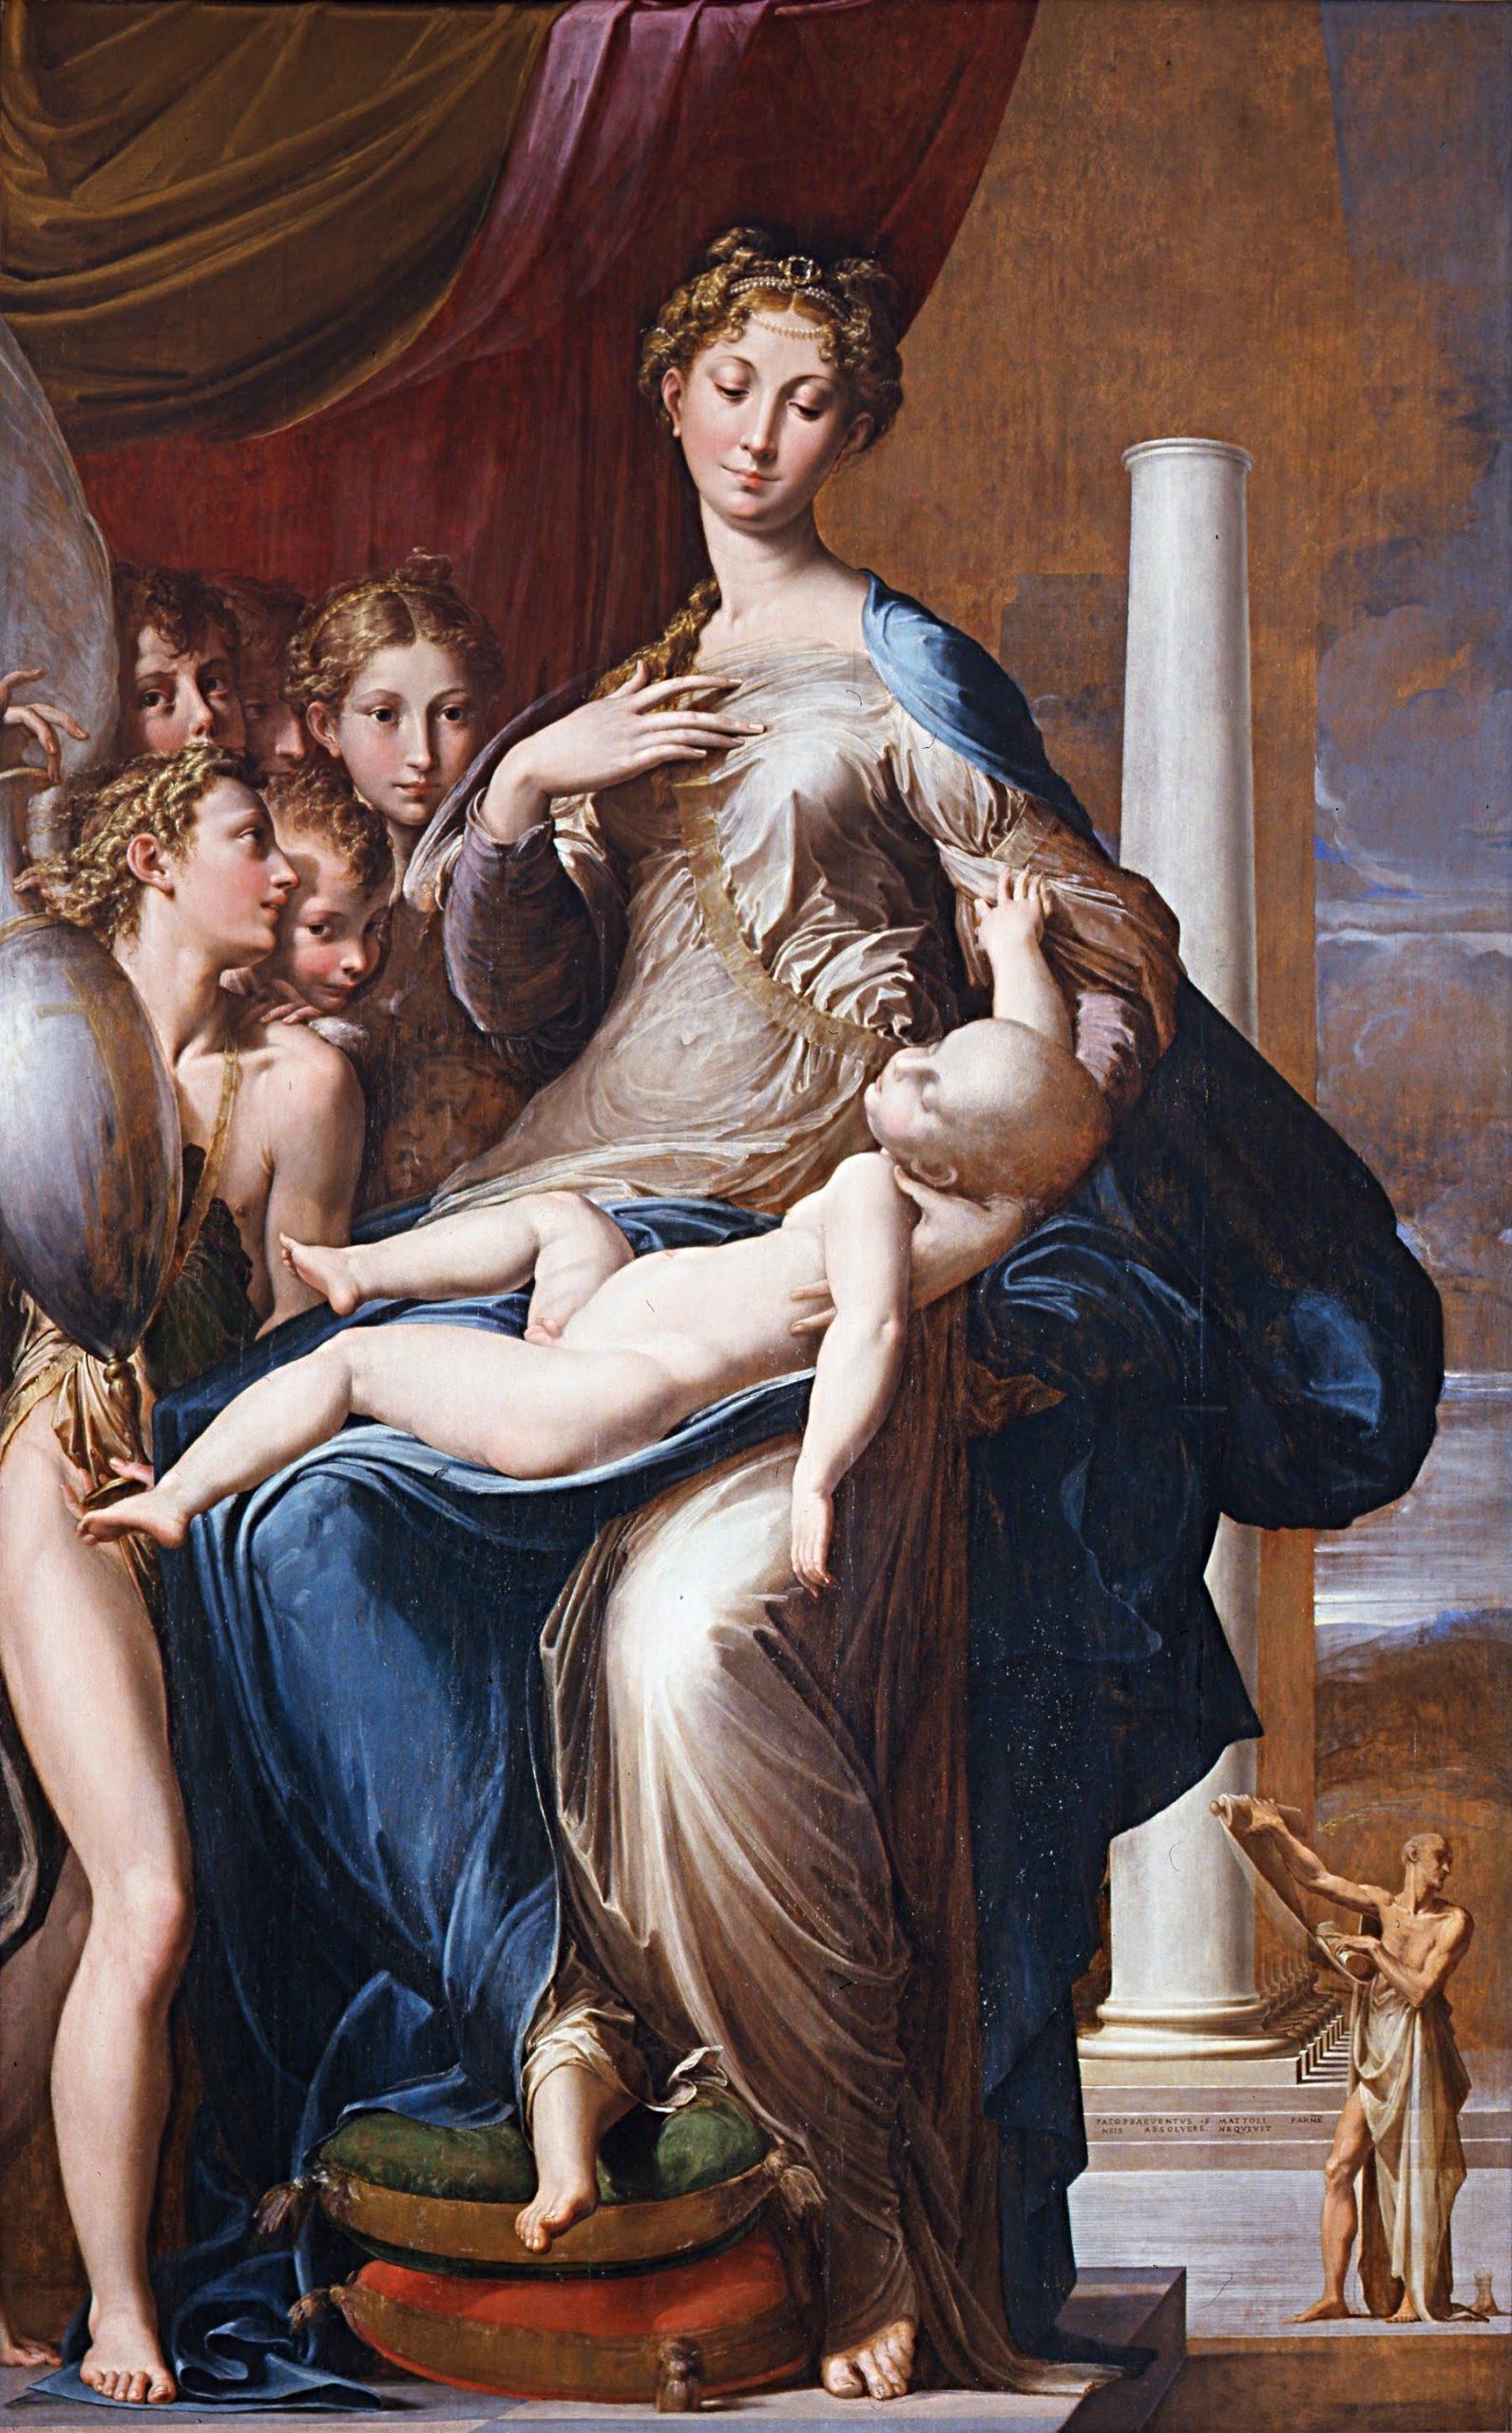 Virgem de pescoço longo, de Parmigianino. Fonte: Virus da Arte